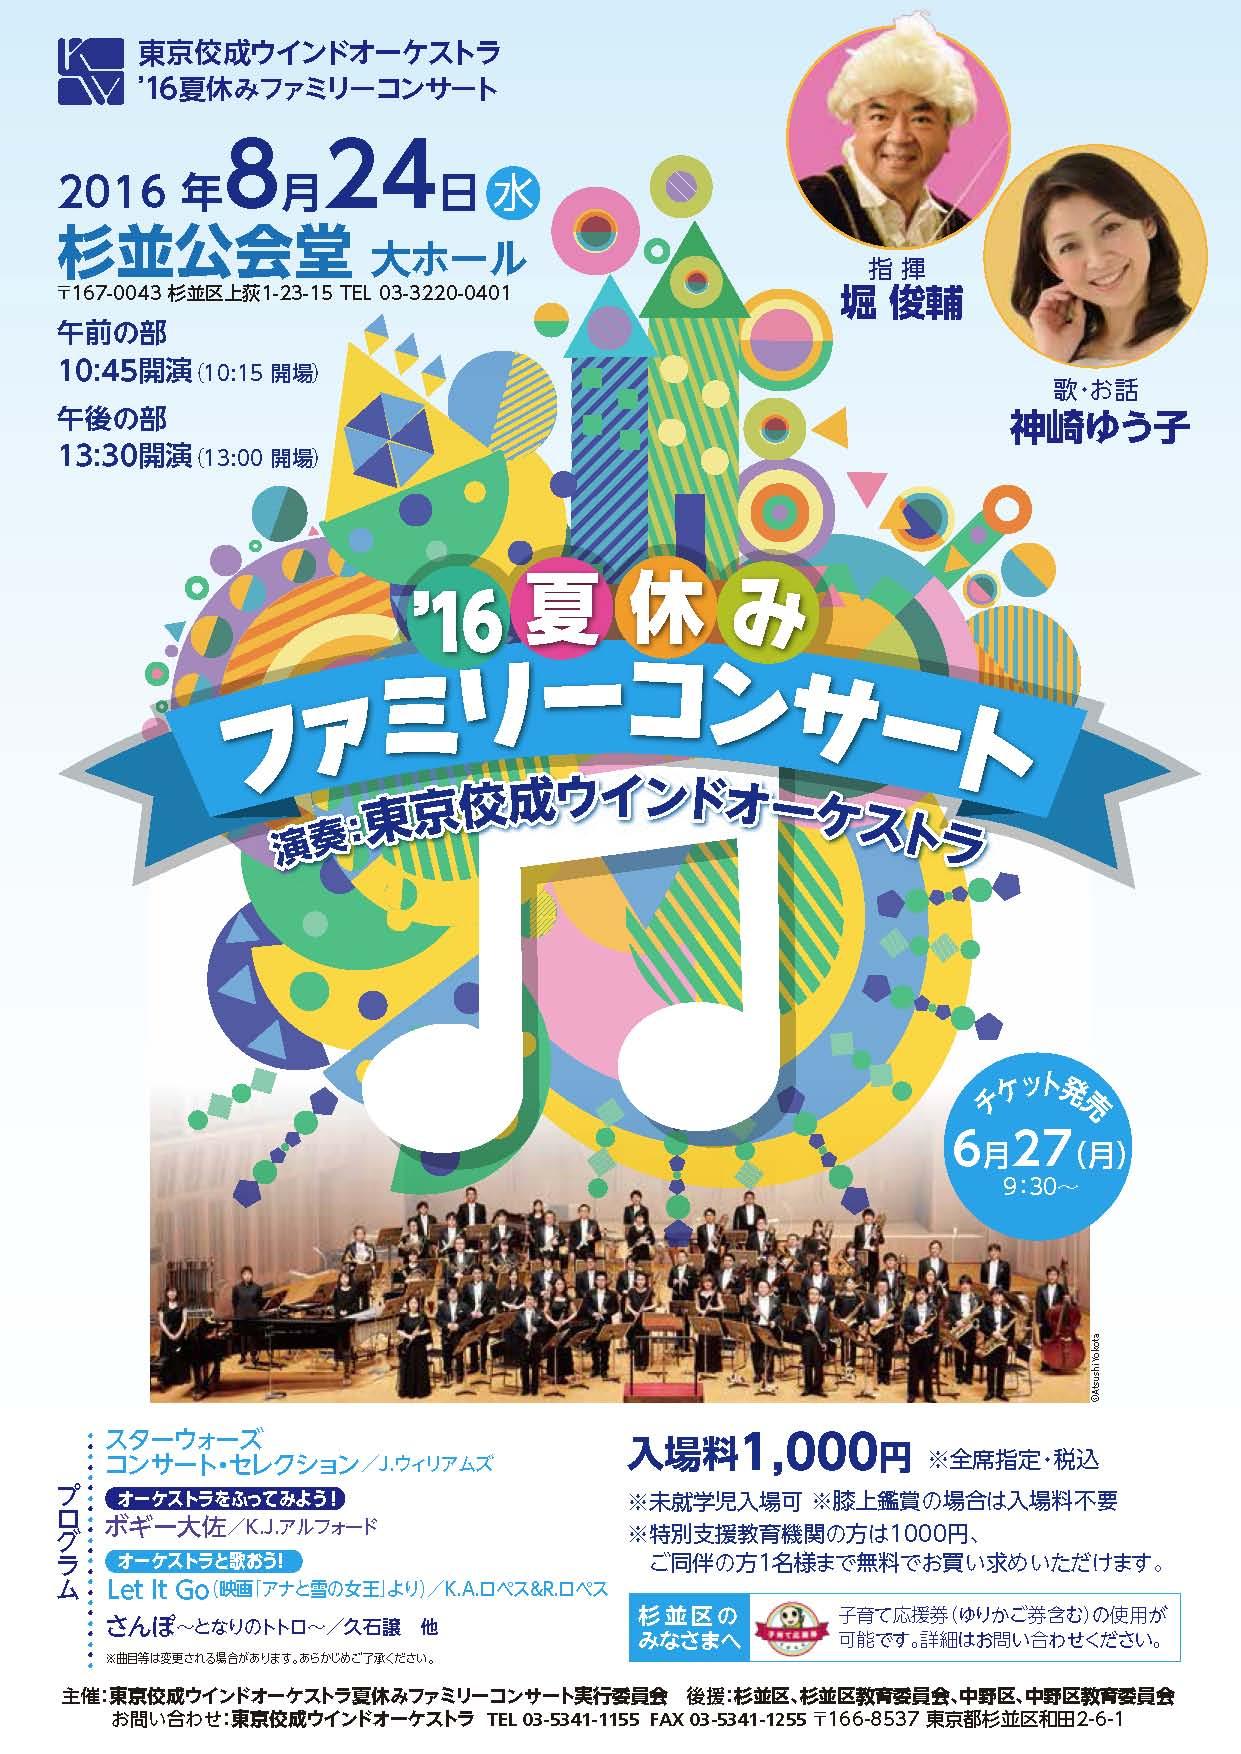 '16 夏休みファミリーコンサート (午前の部)